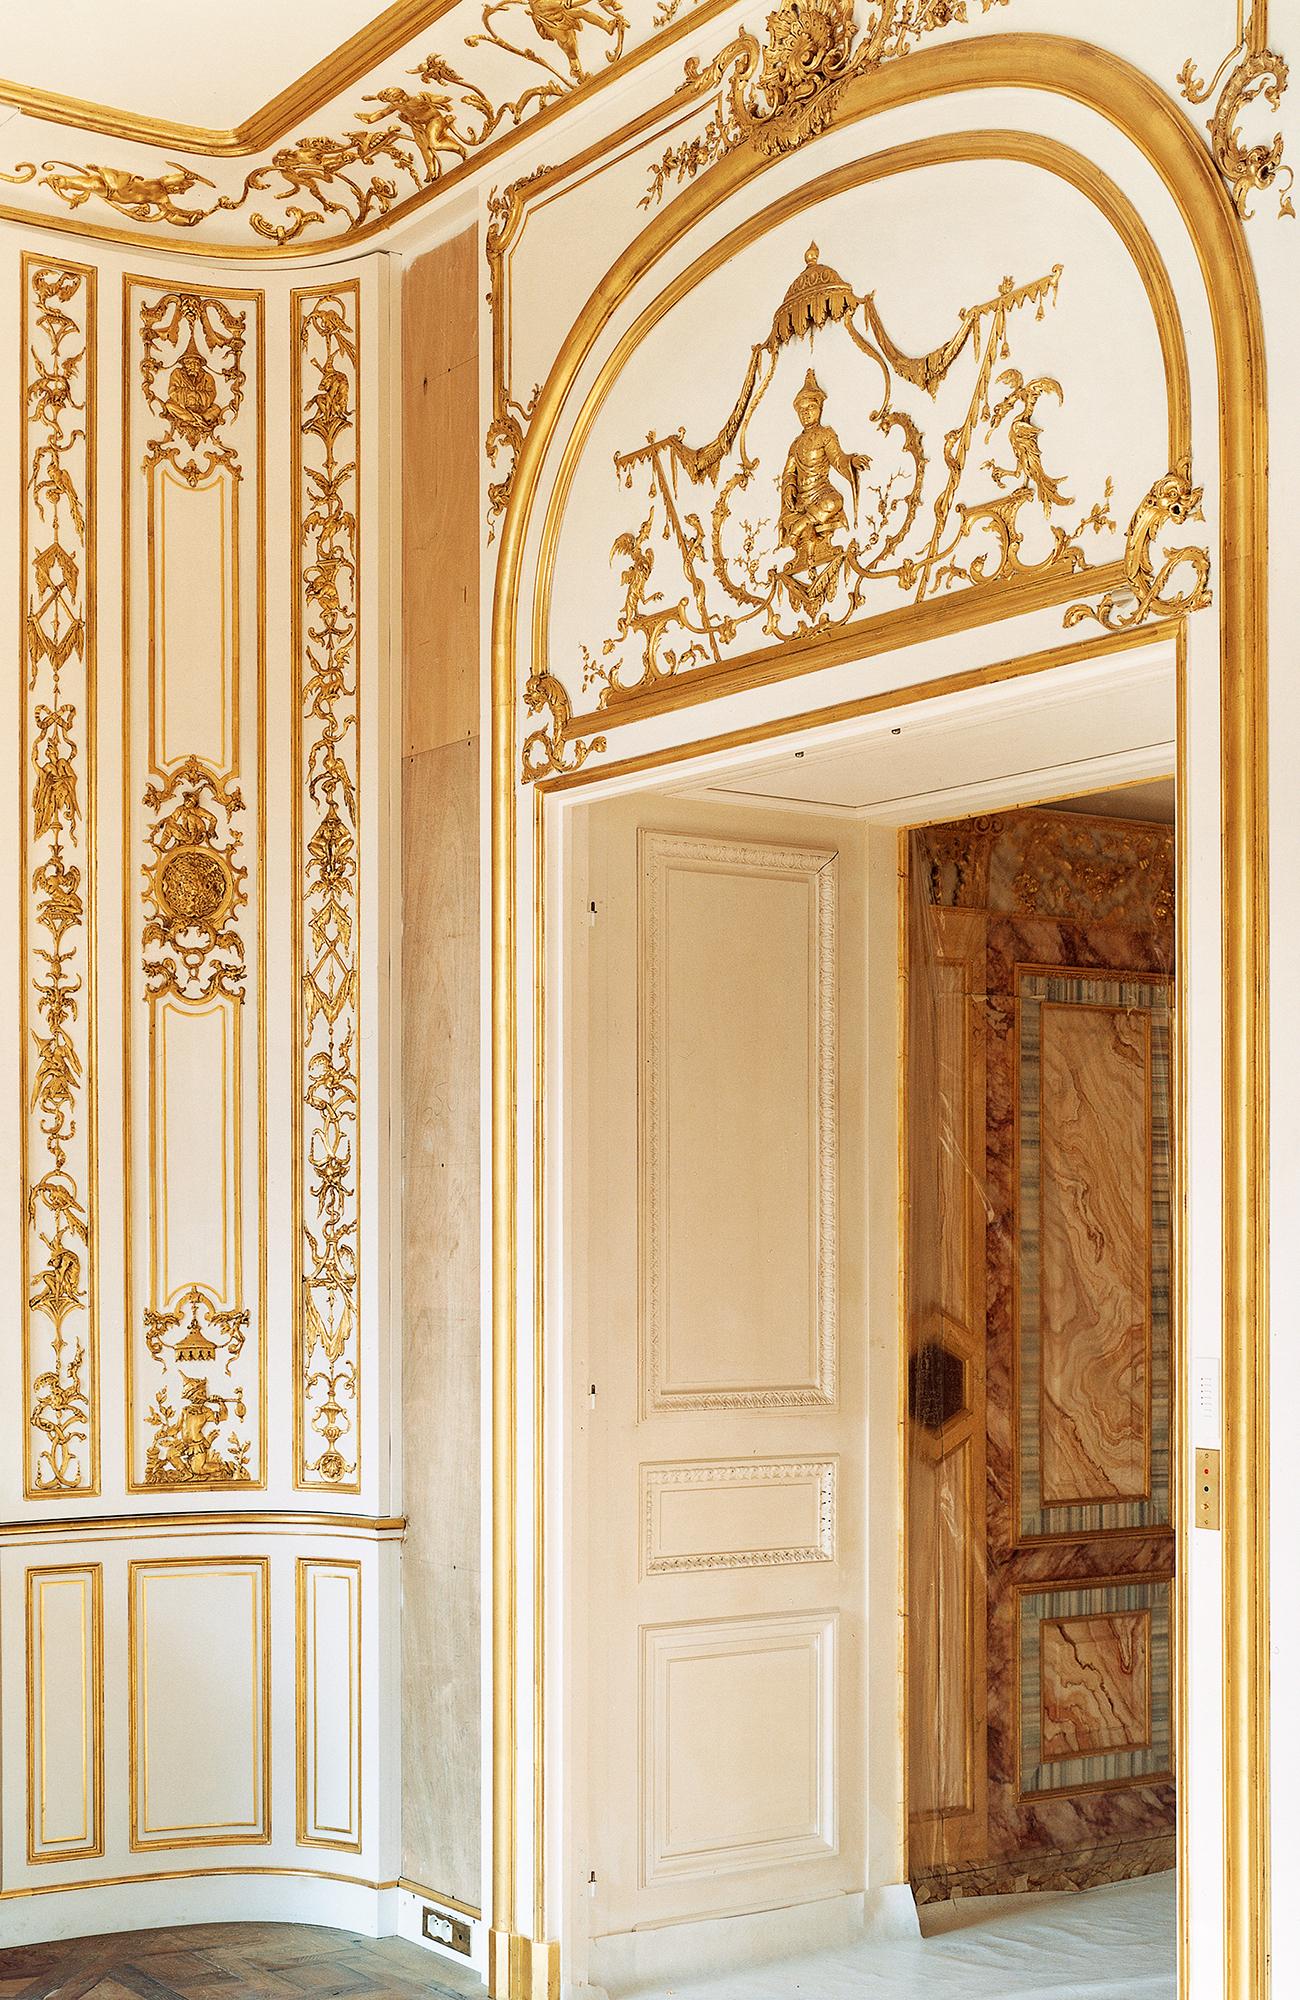 Luxueux panneaux boiseries XVIIIe, bois peint blanc doré à l'or, style Rocaille, intérieur privé, France